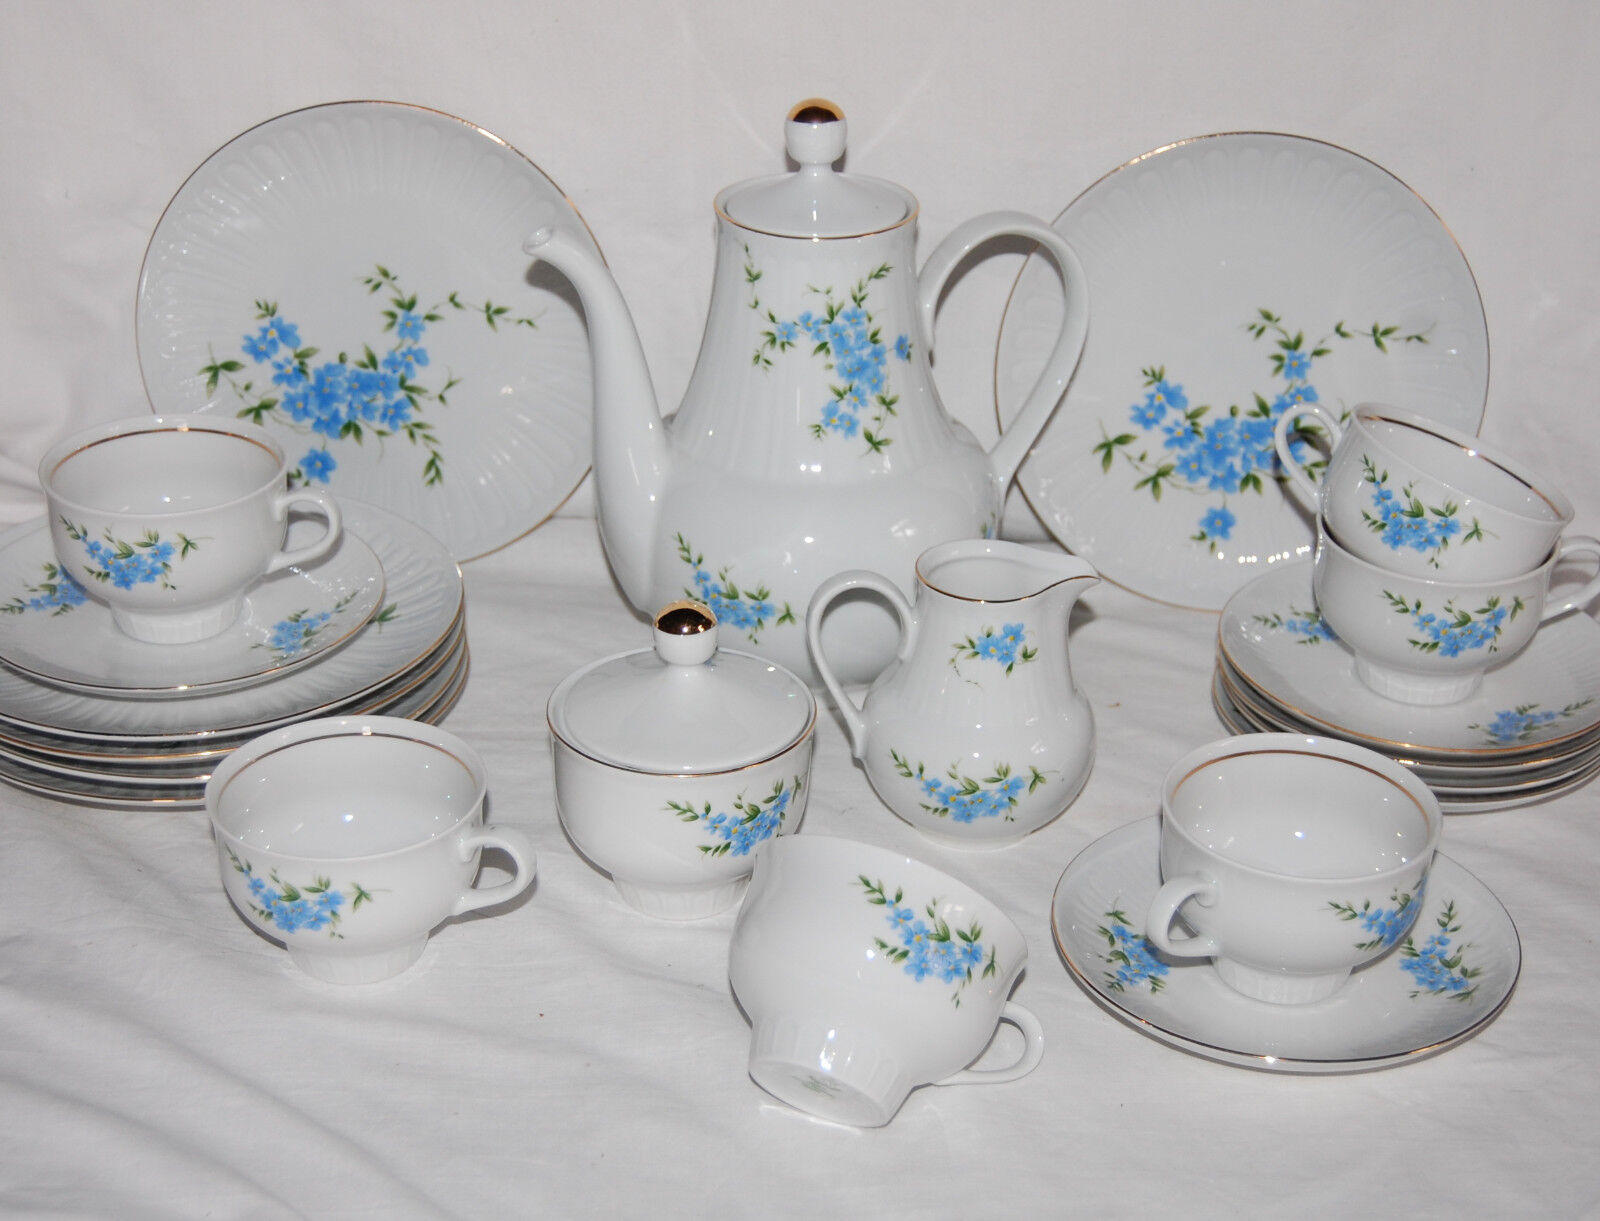 Sehr schönes Kaffeeservice mit blauen Blaumen Henneberg Porzellan Ilmenau Service Service Service | Stilvoll und lustig  617835